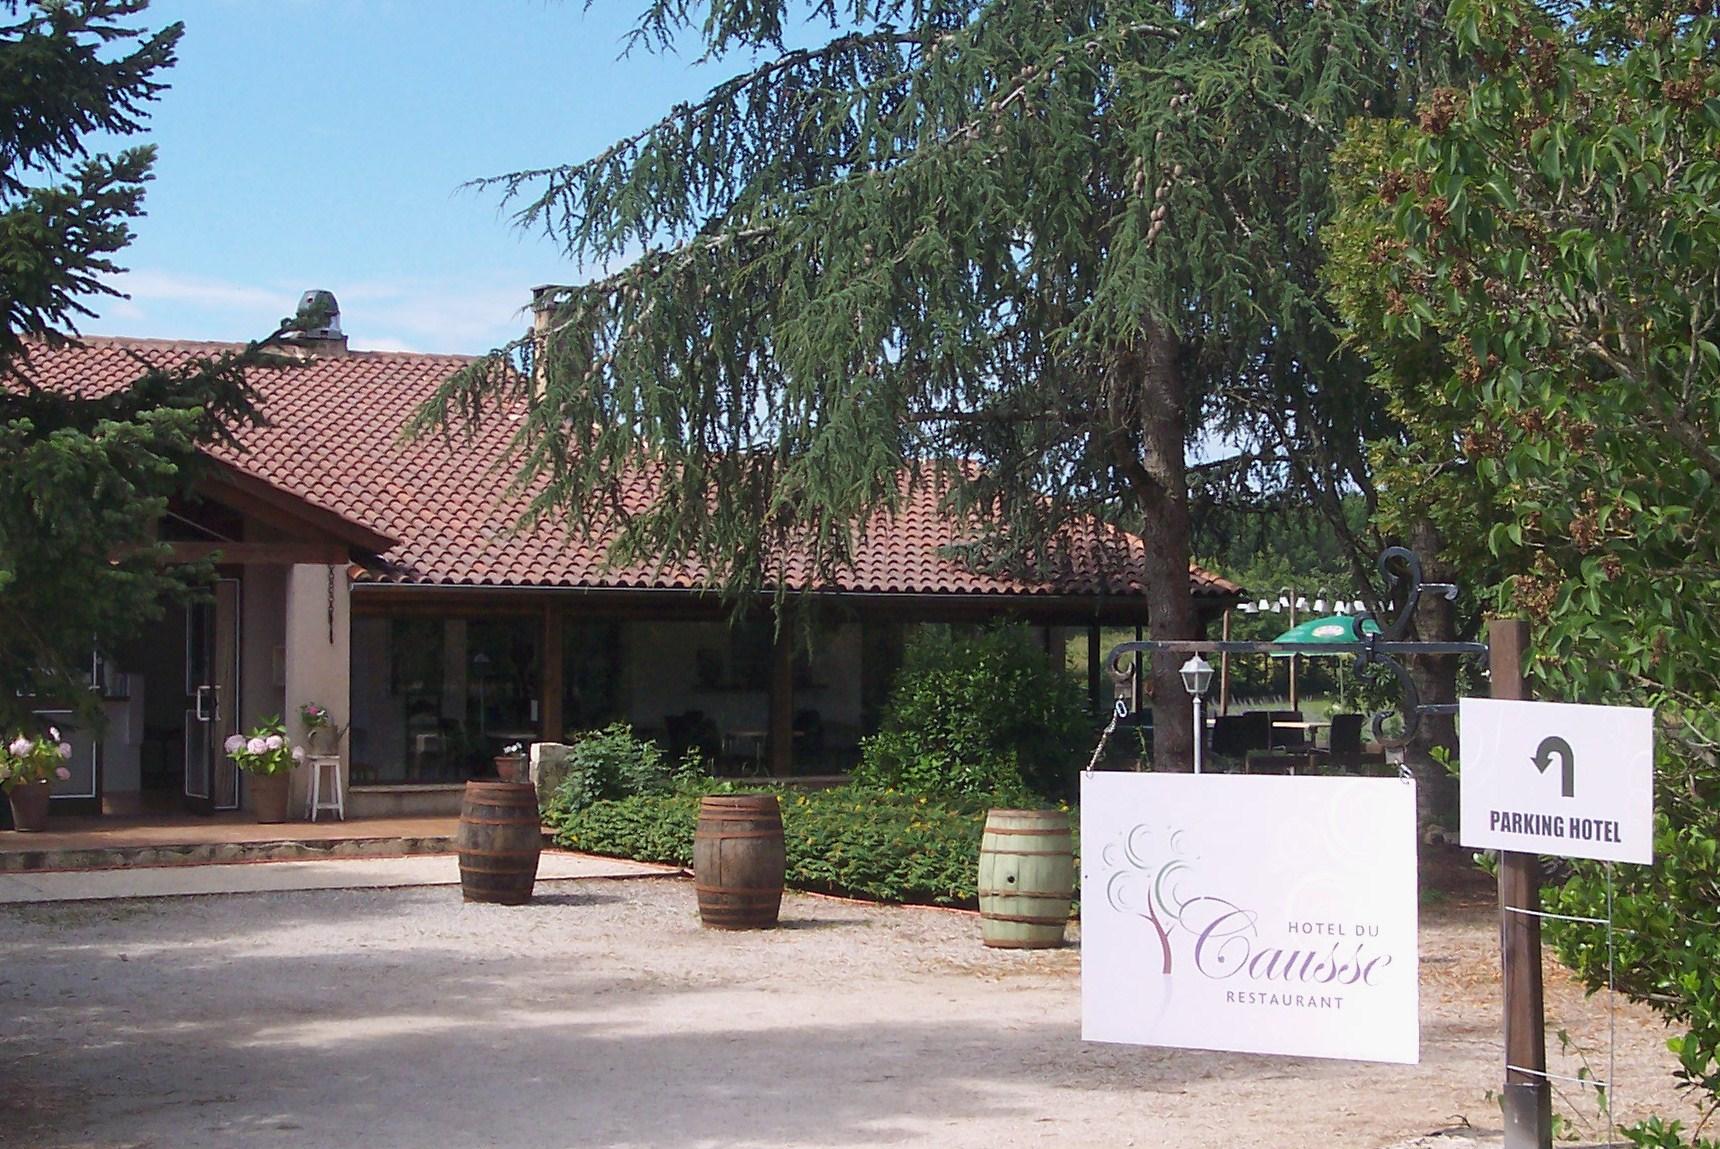 Hotel-restaurant Du Causse